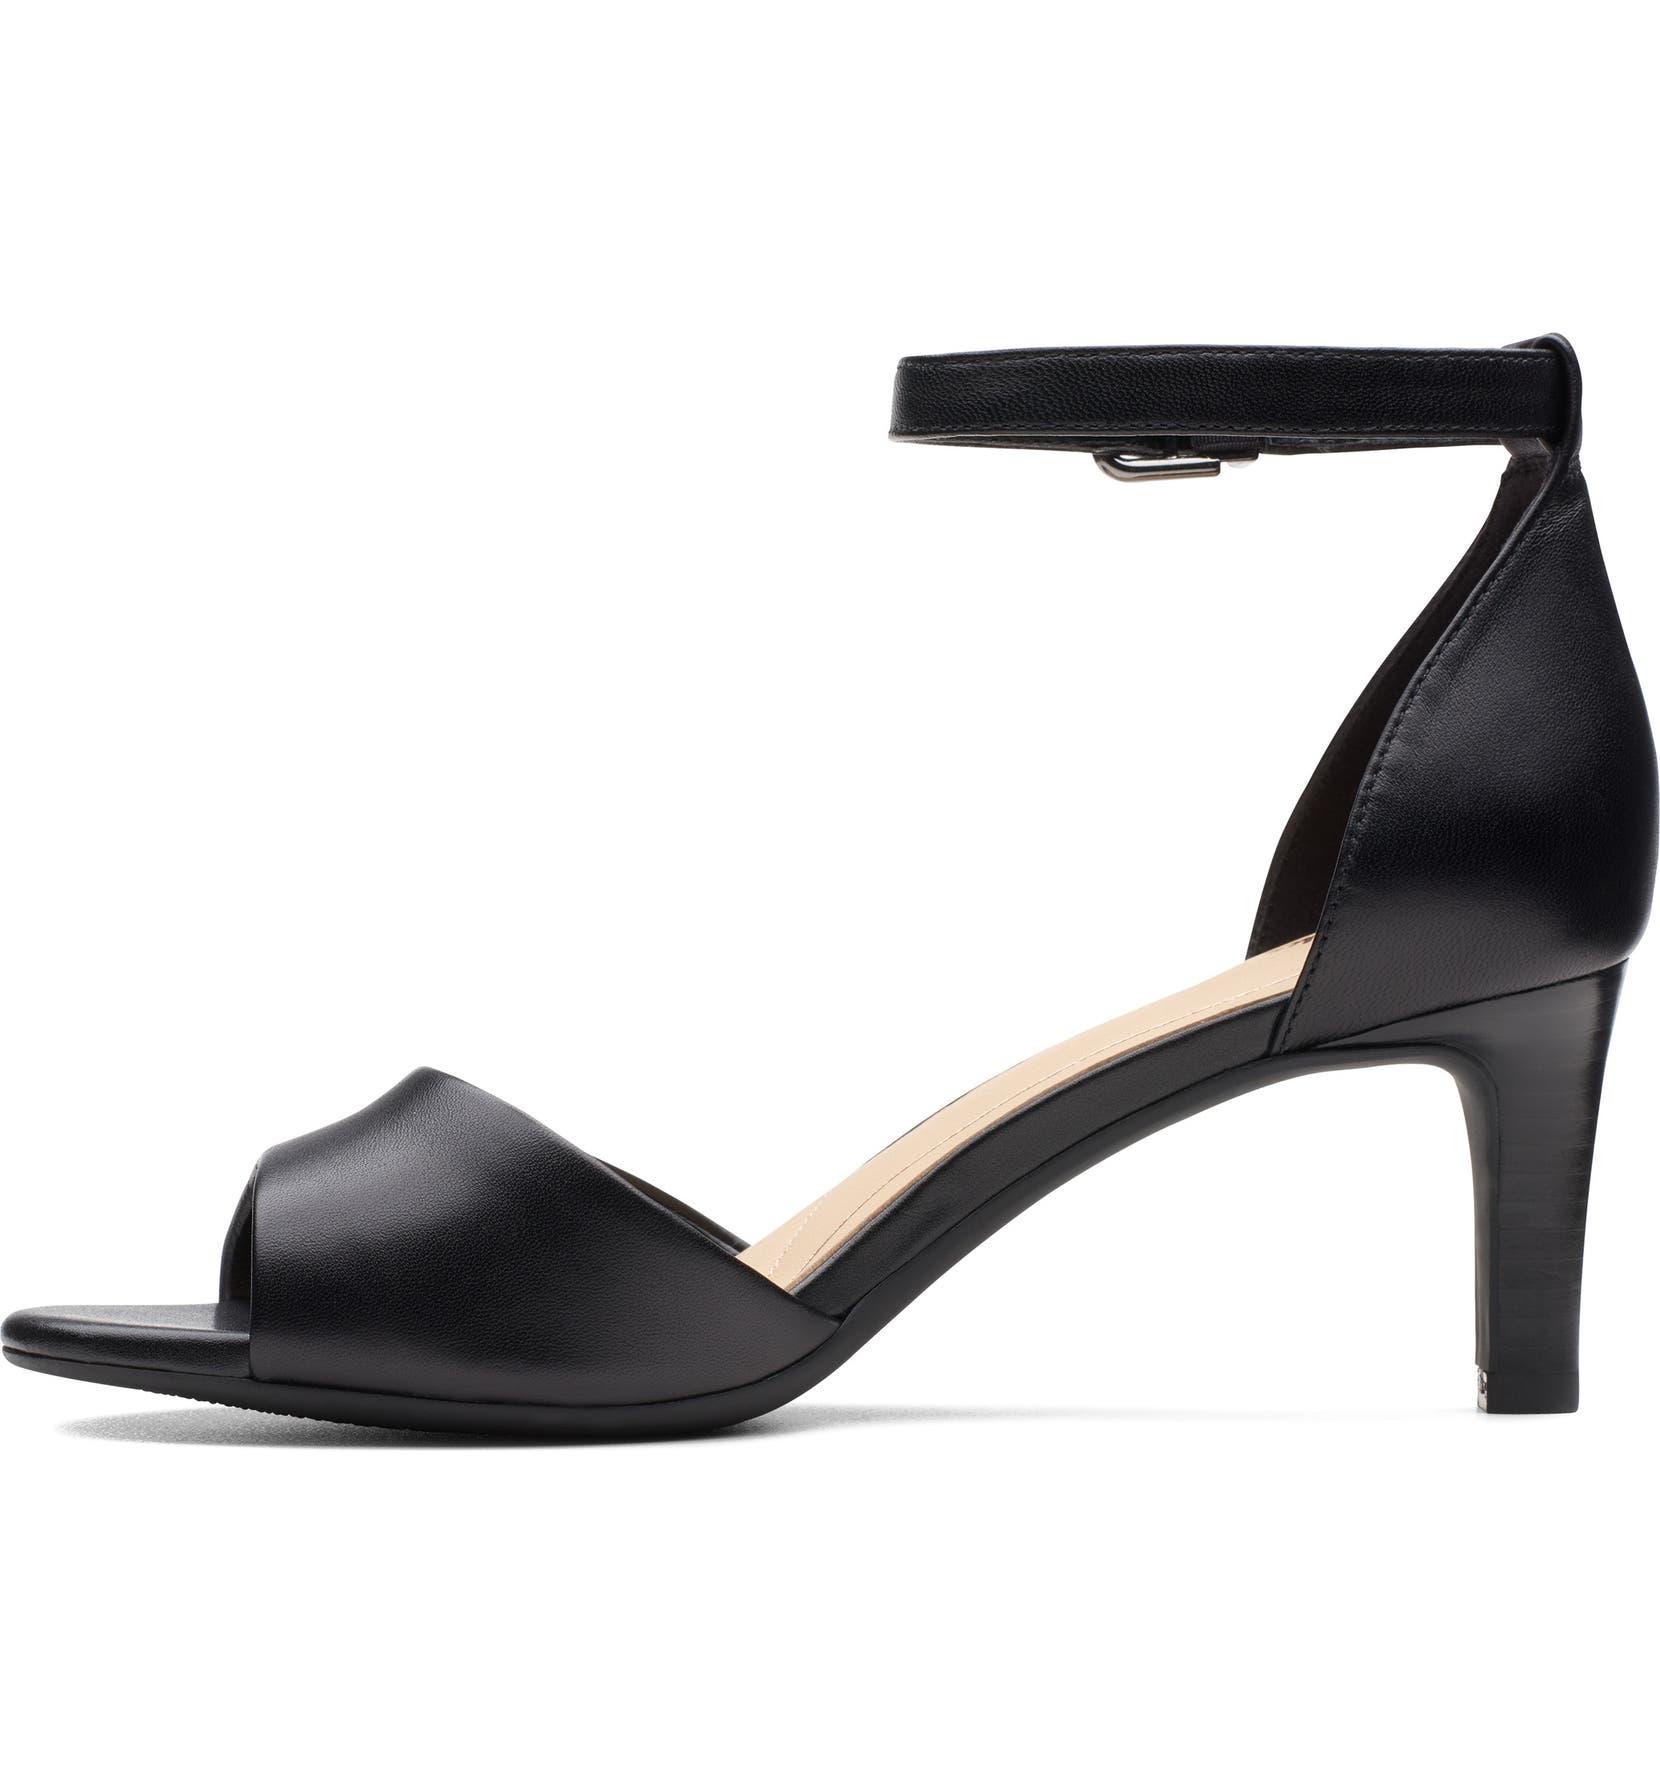 cc078fad072a Clarks® Laureti Grace Halo Strap Sandal (Women)